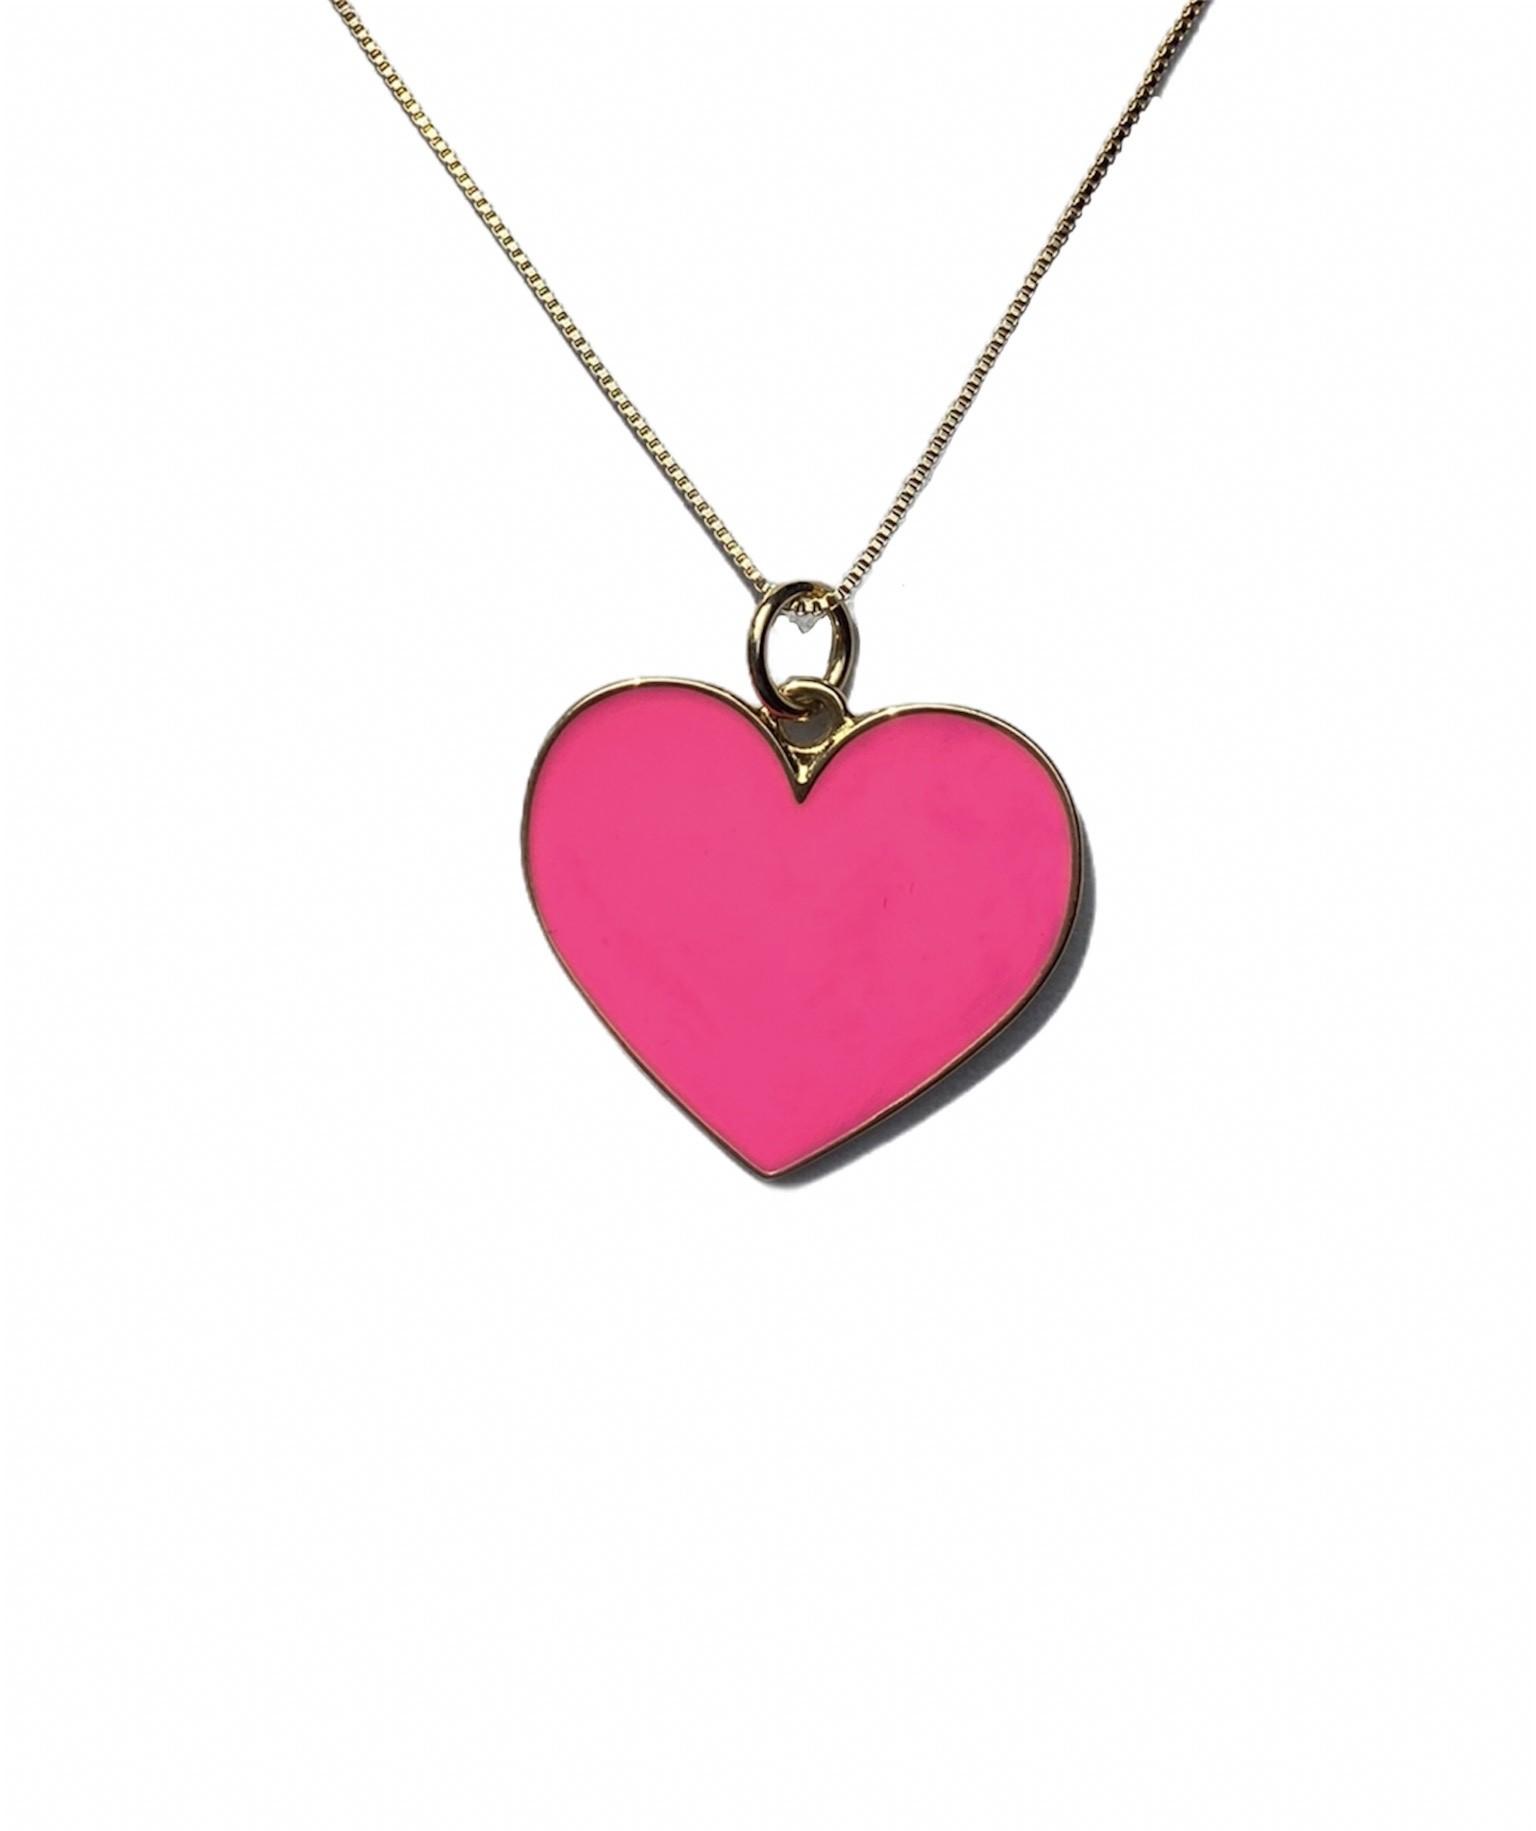 Colar com pingente de Coração Resinado cor Rosa Pink